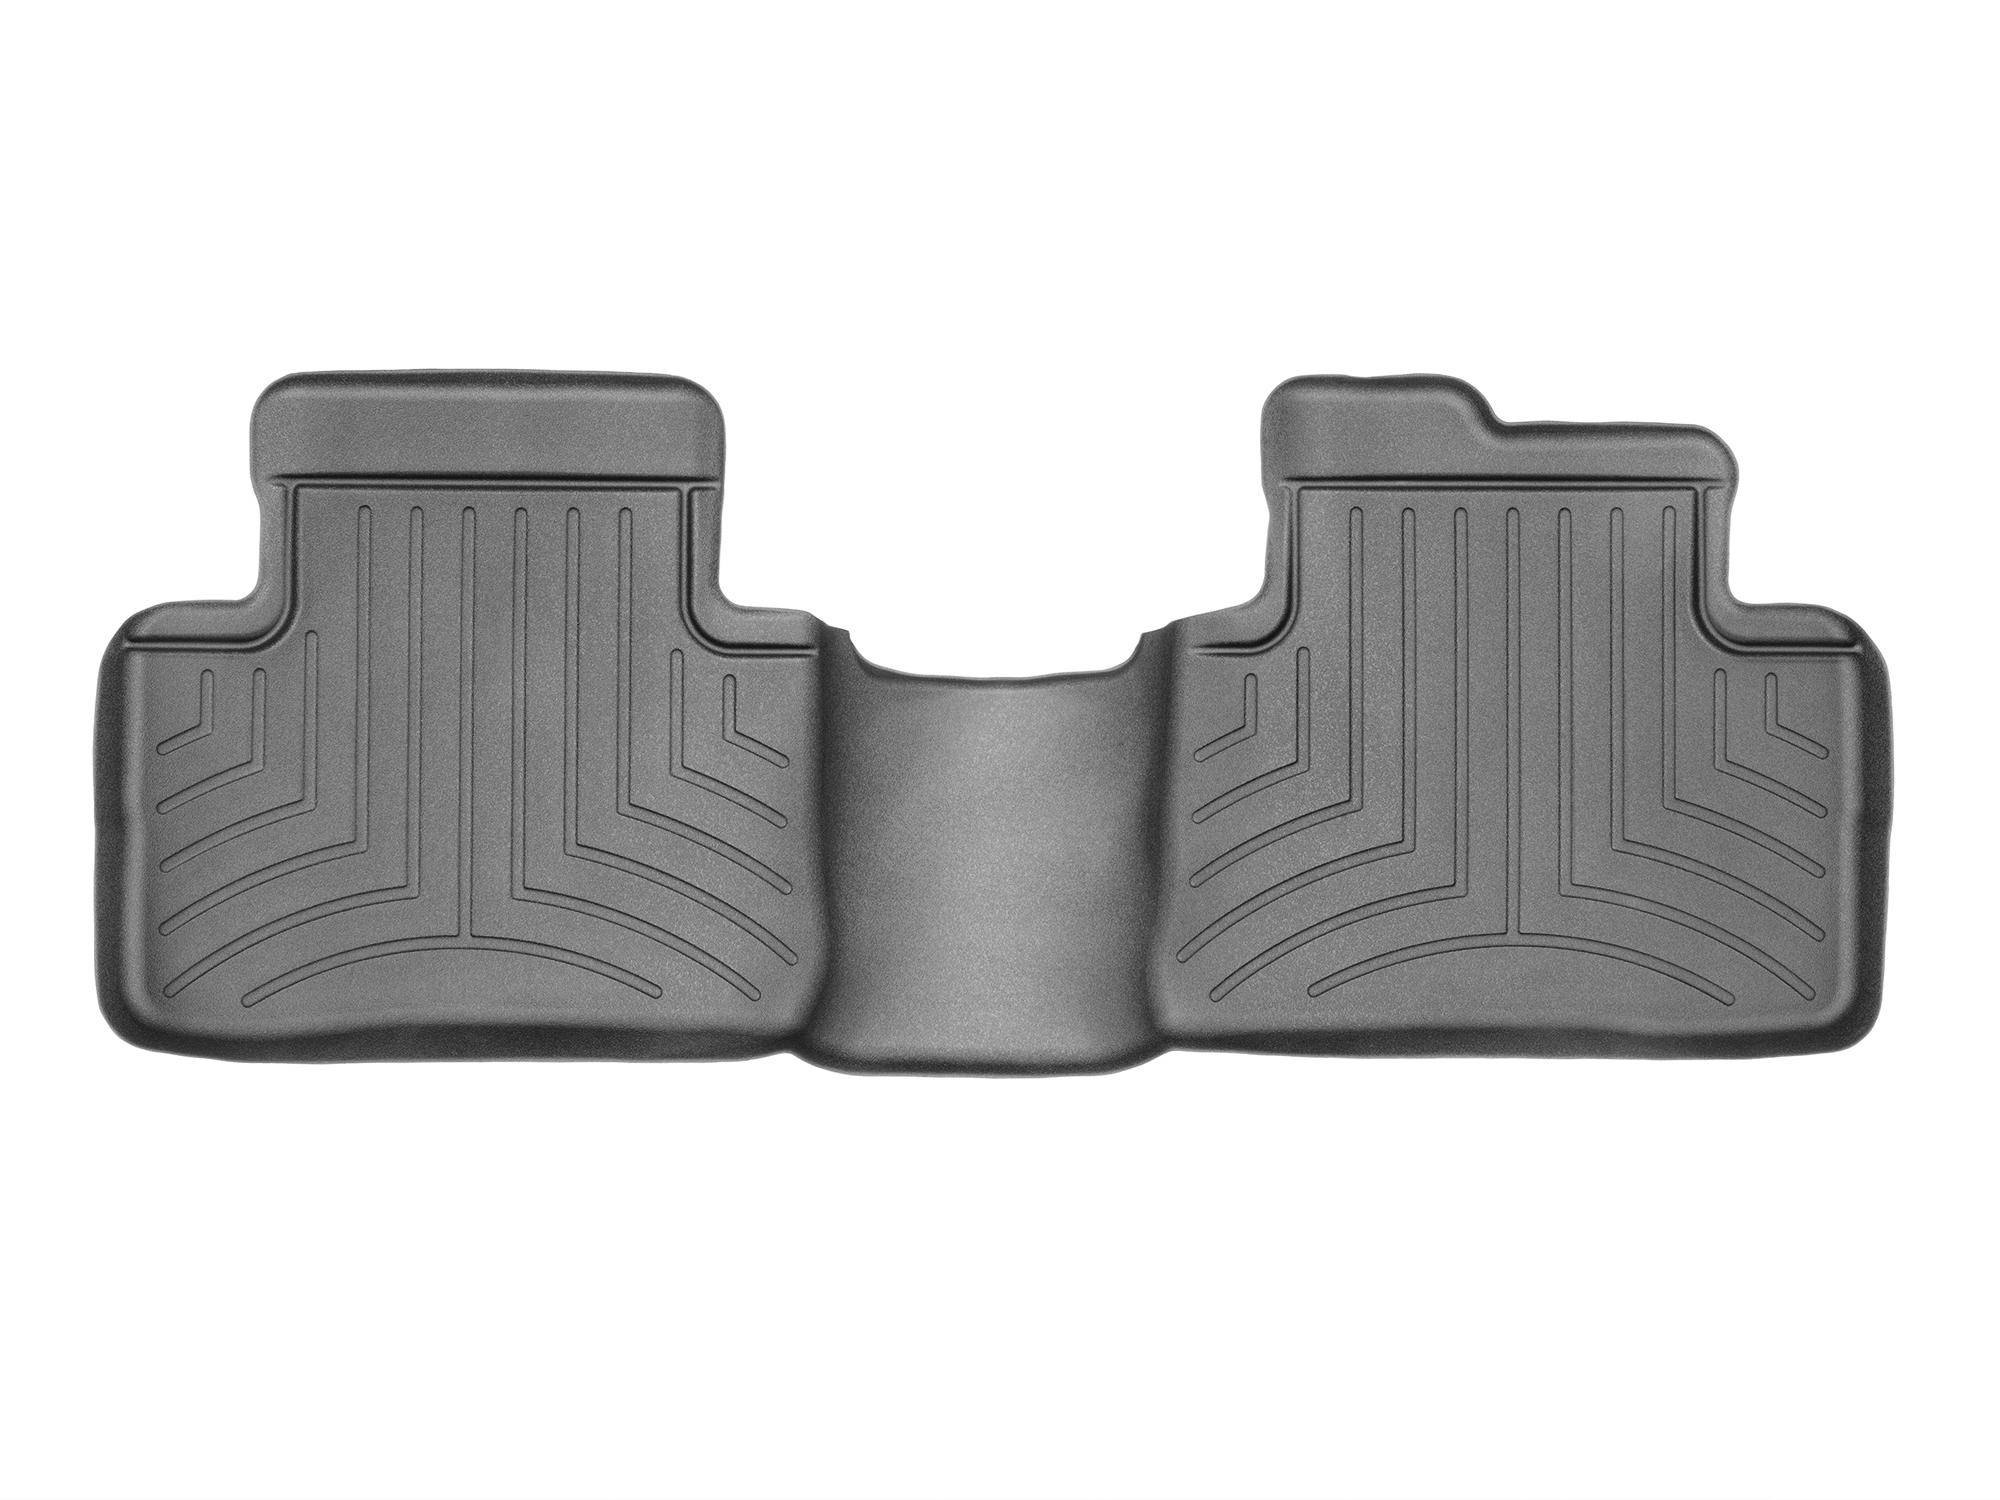 Tappeti gomma su misura bordo alto Nissan X-Trail 15>17 Nero A2944